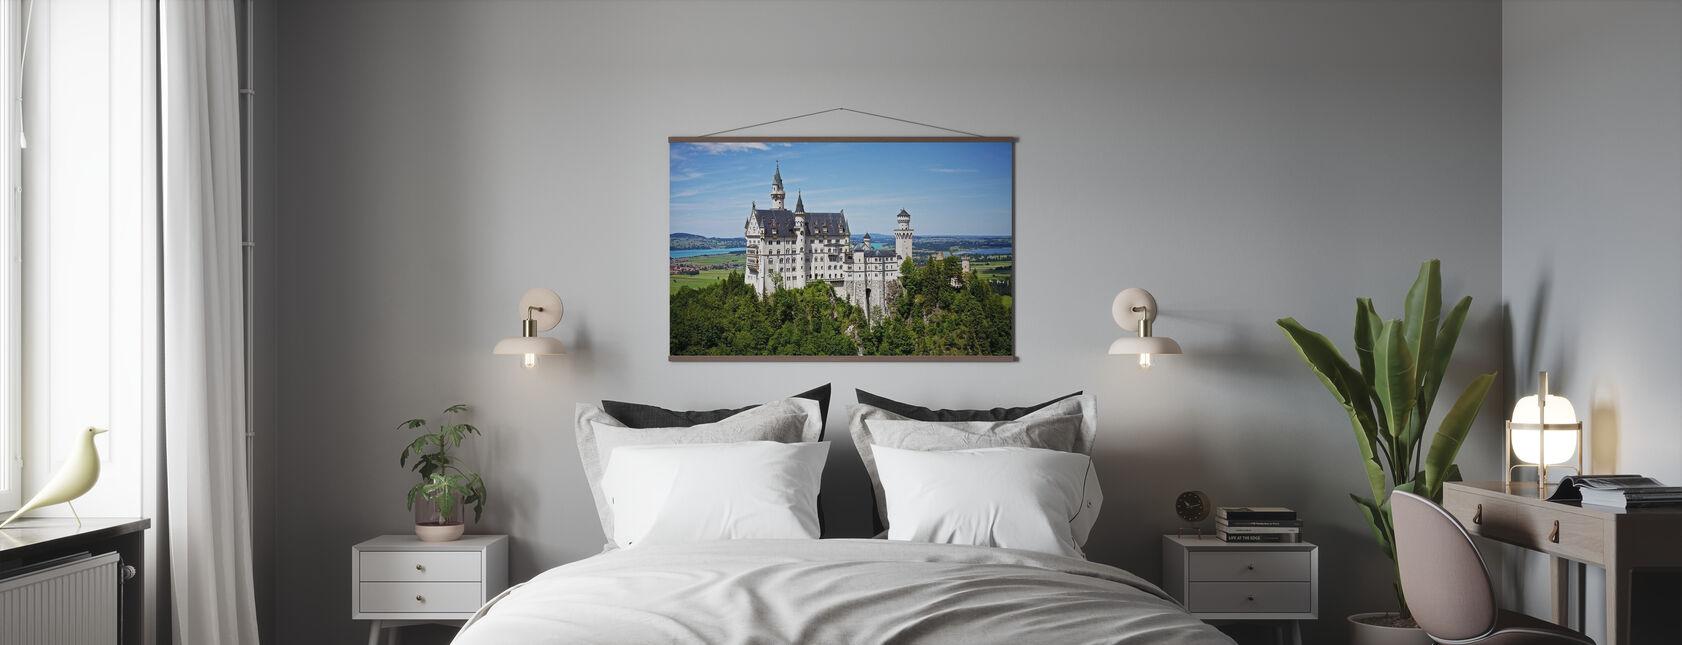 Schloss Neuschwanstein Disney - Poster - Schlafzimmer